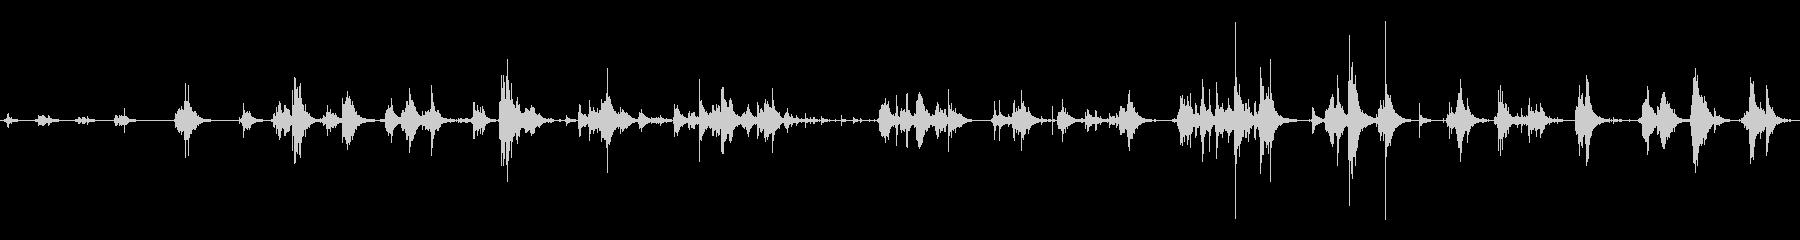 【生録音】水のちゃぷちゃぷ音(癒し)の未再生の波形